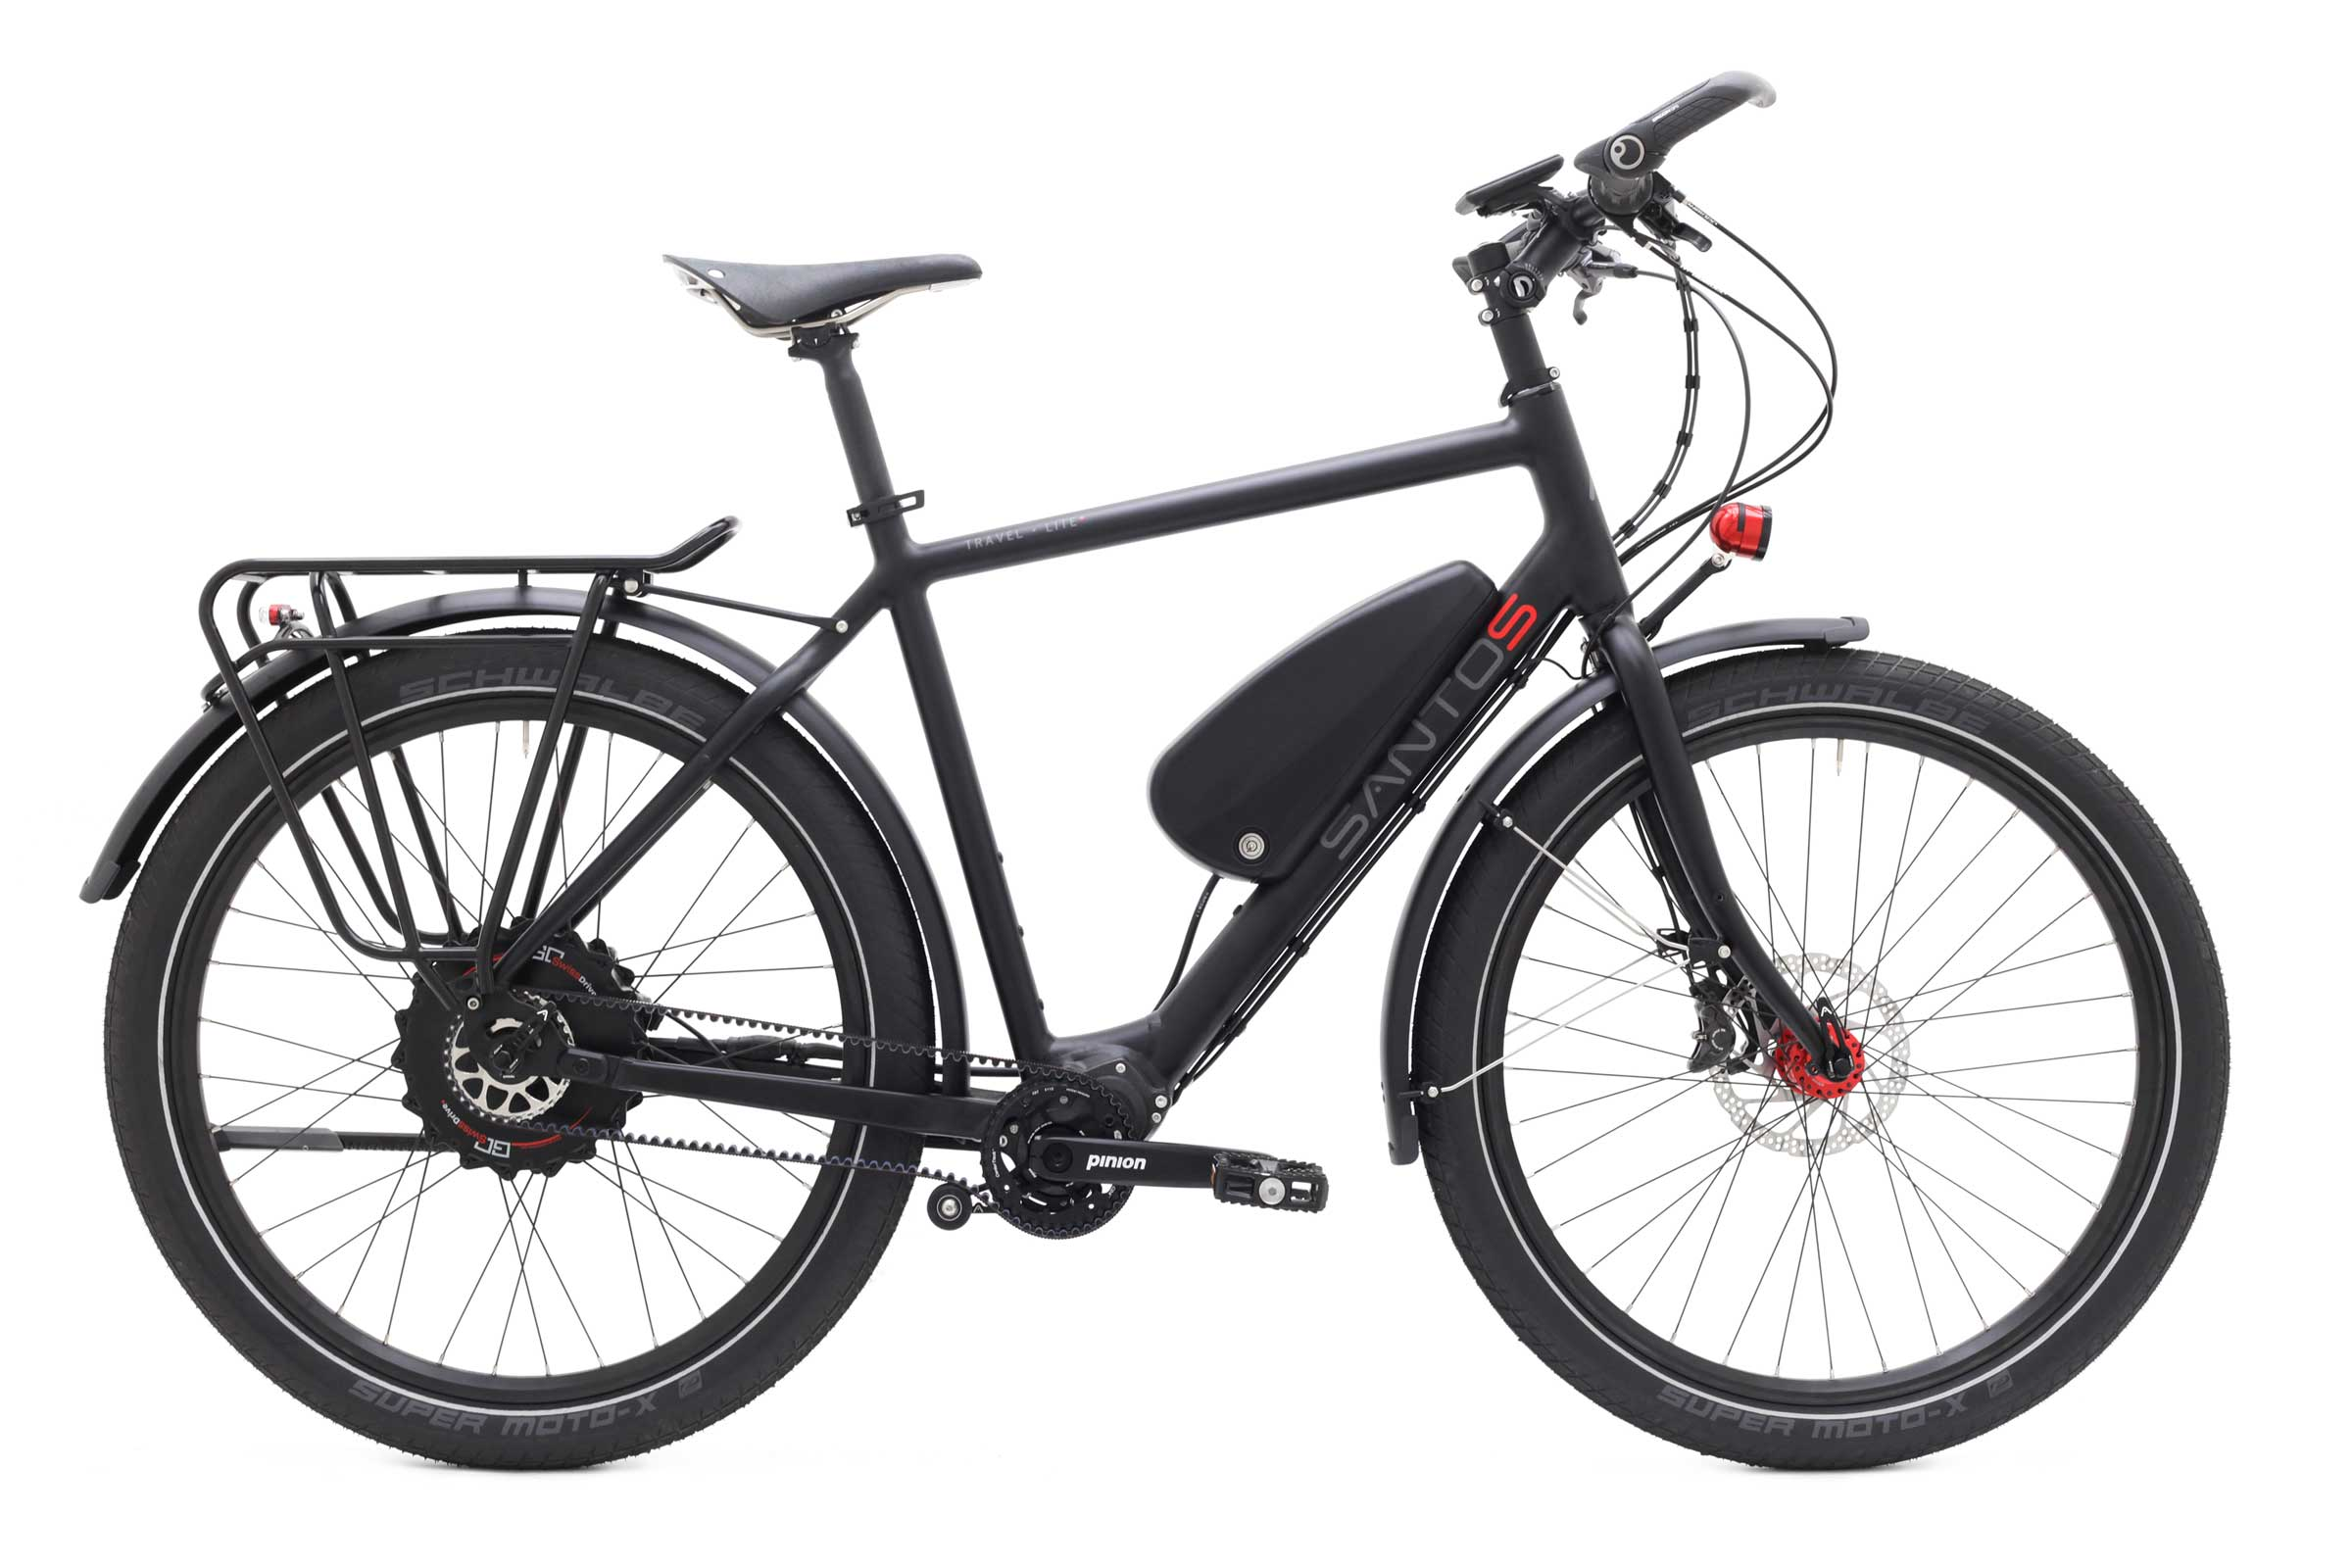 Travelmaster 3+ E-bike met Go Swiss aandrijving